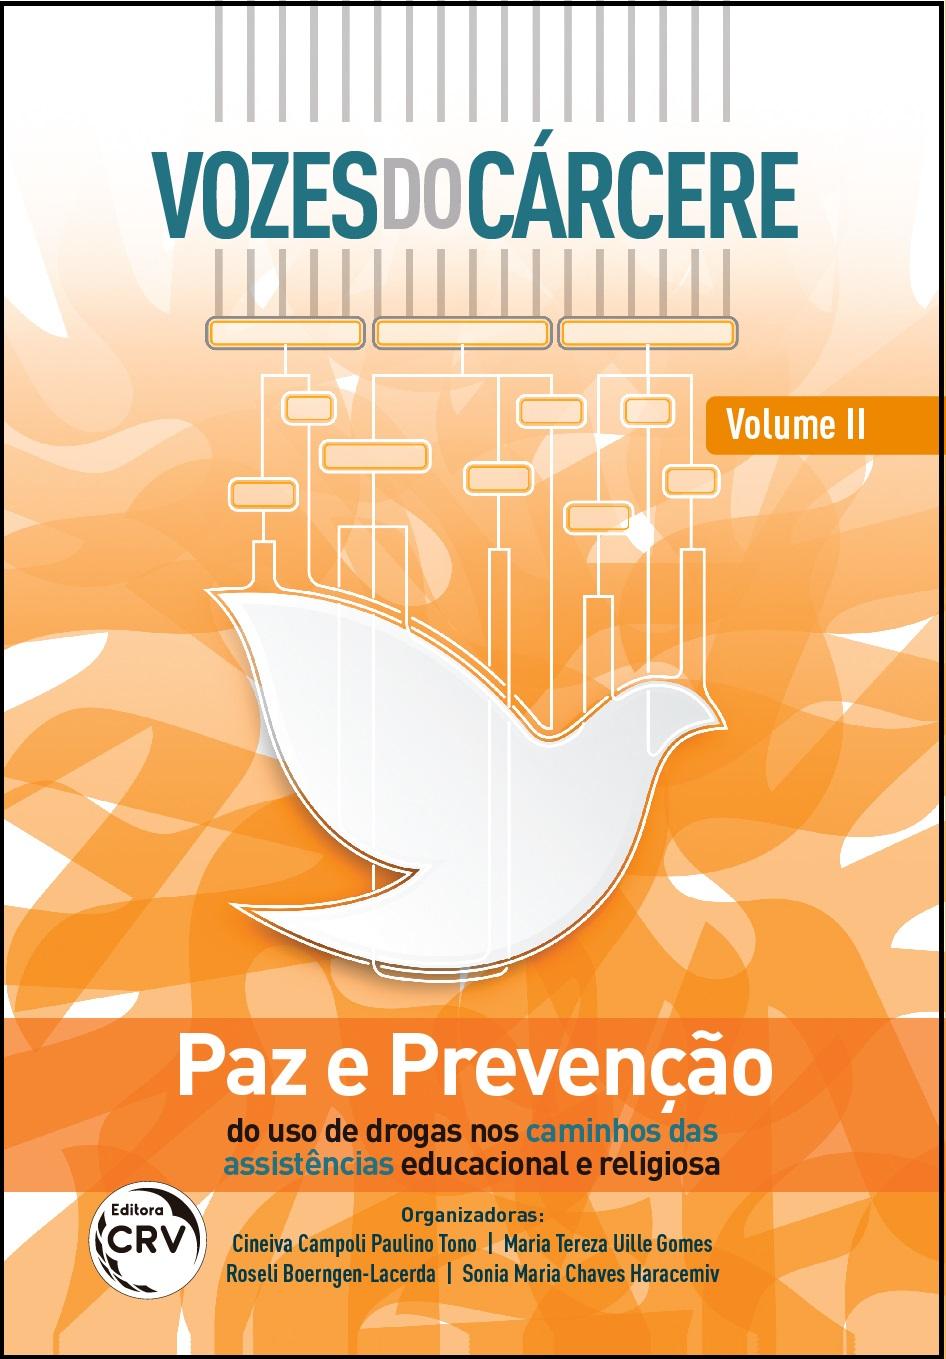 Capa do livro: VOZES DO CÁRCERE:<br>paz e prevenção do uso de drogas nos caminhos das assistências educacional e religiosa<br>Volume II